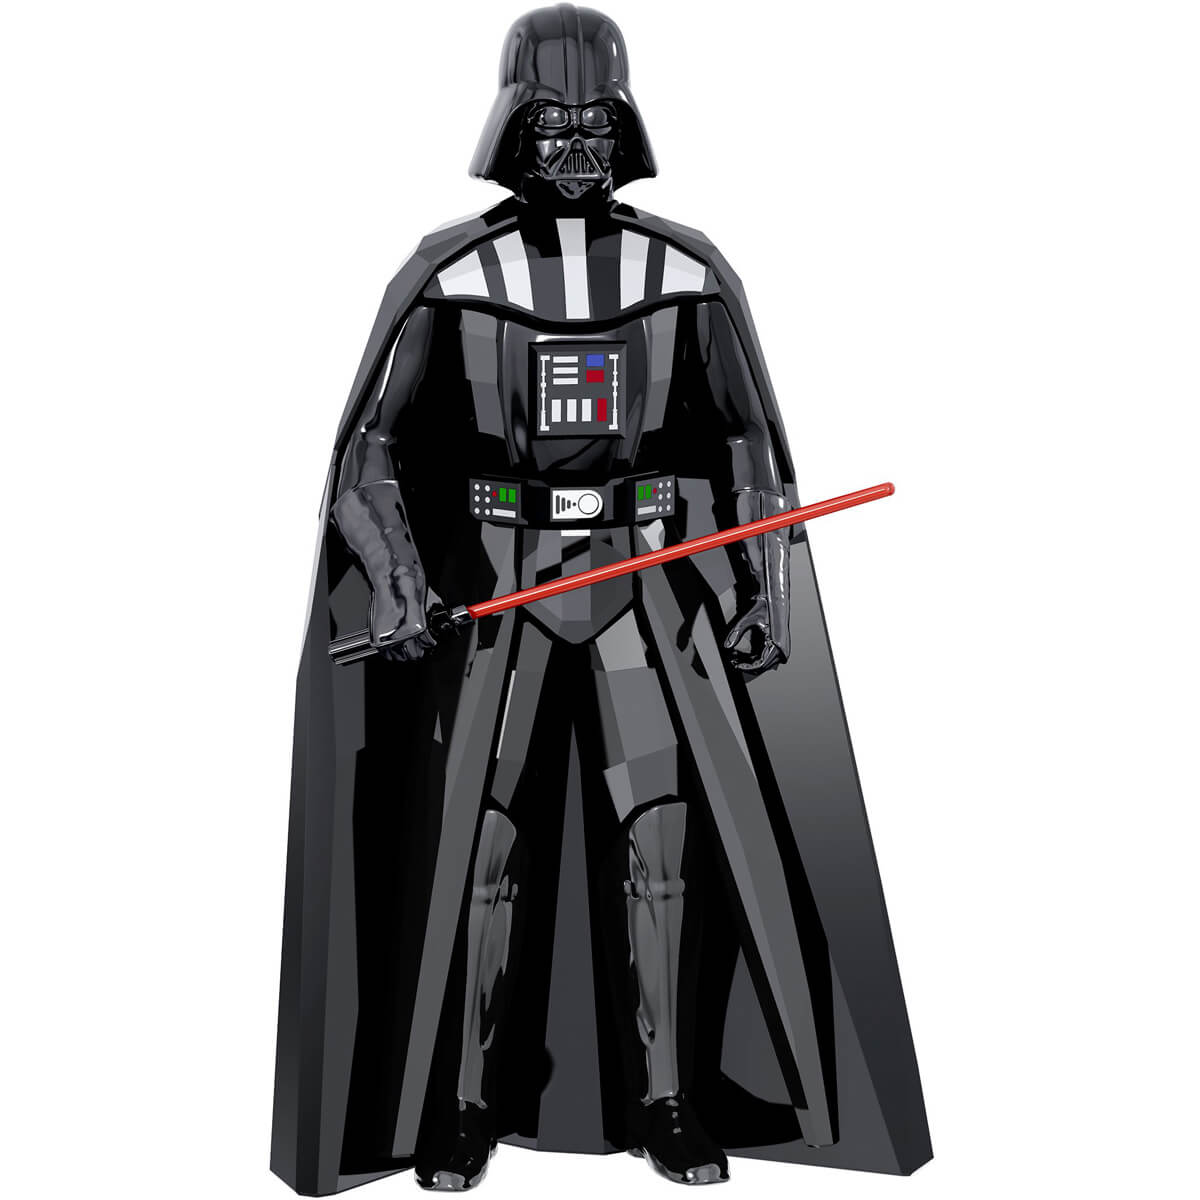 送料無料!ケアカード、箱付き スワロフスキー(SWAROVSKI)スターウォーズ ダースベイダー/Star Wars Darth Vader/クリスタルオブジェ/スワロフスキー社製置物【あす楽対応_関東】